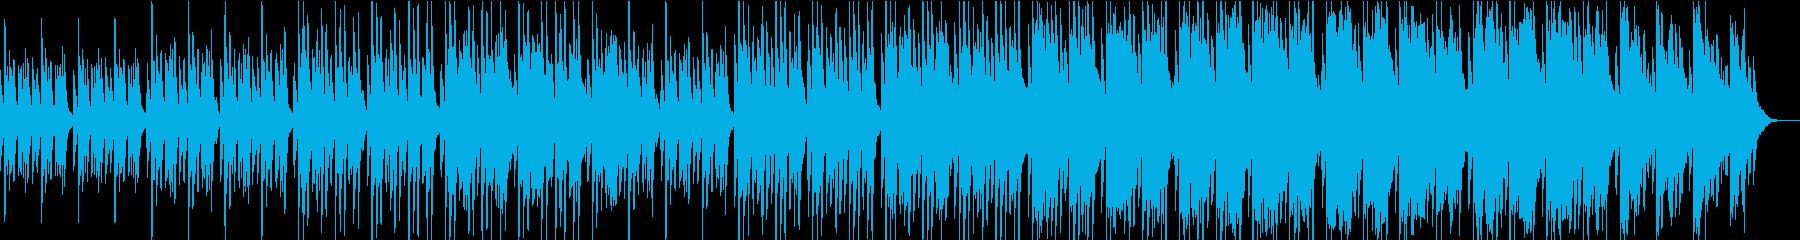 不可思議で冷たい質感のあるピアノ主体の曲の再生済みの波形